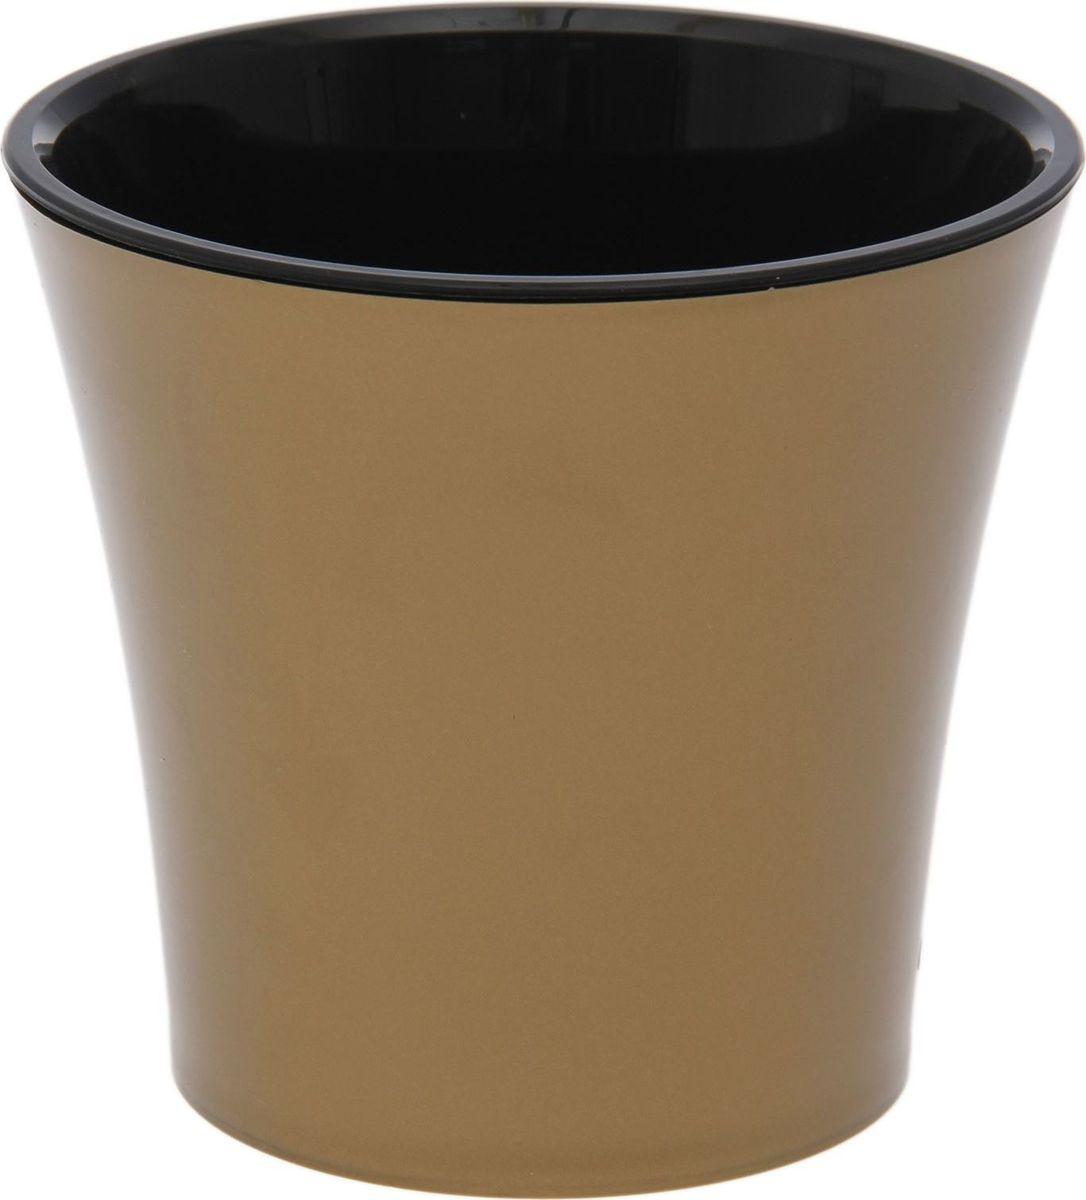 Горшок для цветов Santino Арте, цвет: золотистый, черный, 0,6 л1510704Горшок Santino Арте, выполненный из высококачественного пластика, предназначен длявыращивания комнатных цветов, растений и трав.Специальная конструкция обеспечивает вентиляцию в корневой системе растения, а дренажныеотверстия позволяют выходить лишней влаге из почвы. Такой горшок порадует вассовременным дизайном и функциональностью, а также оригинально украсит интерьер любогопомещения. Размеры внутреннего вкладыша - высота 10 см, верхний диаметр - 11 см,нижний - 8 см.